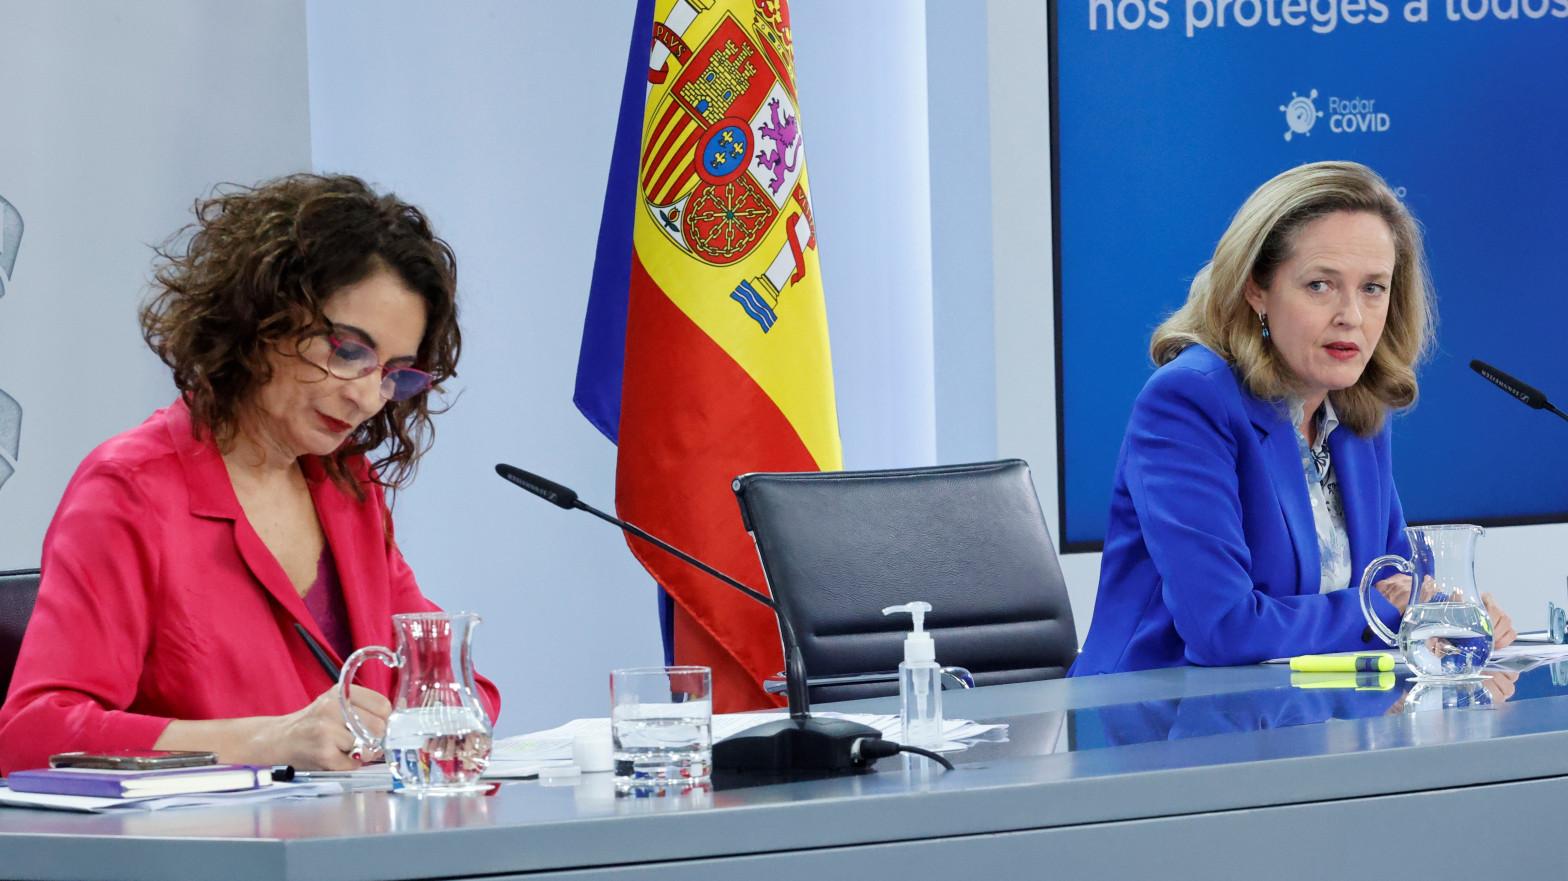 El Gobierno dará ayudas desde 4.000 euros para empresas con caída de ingresos del 30%